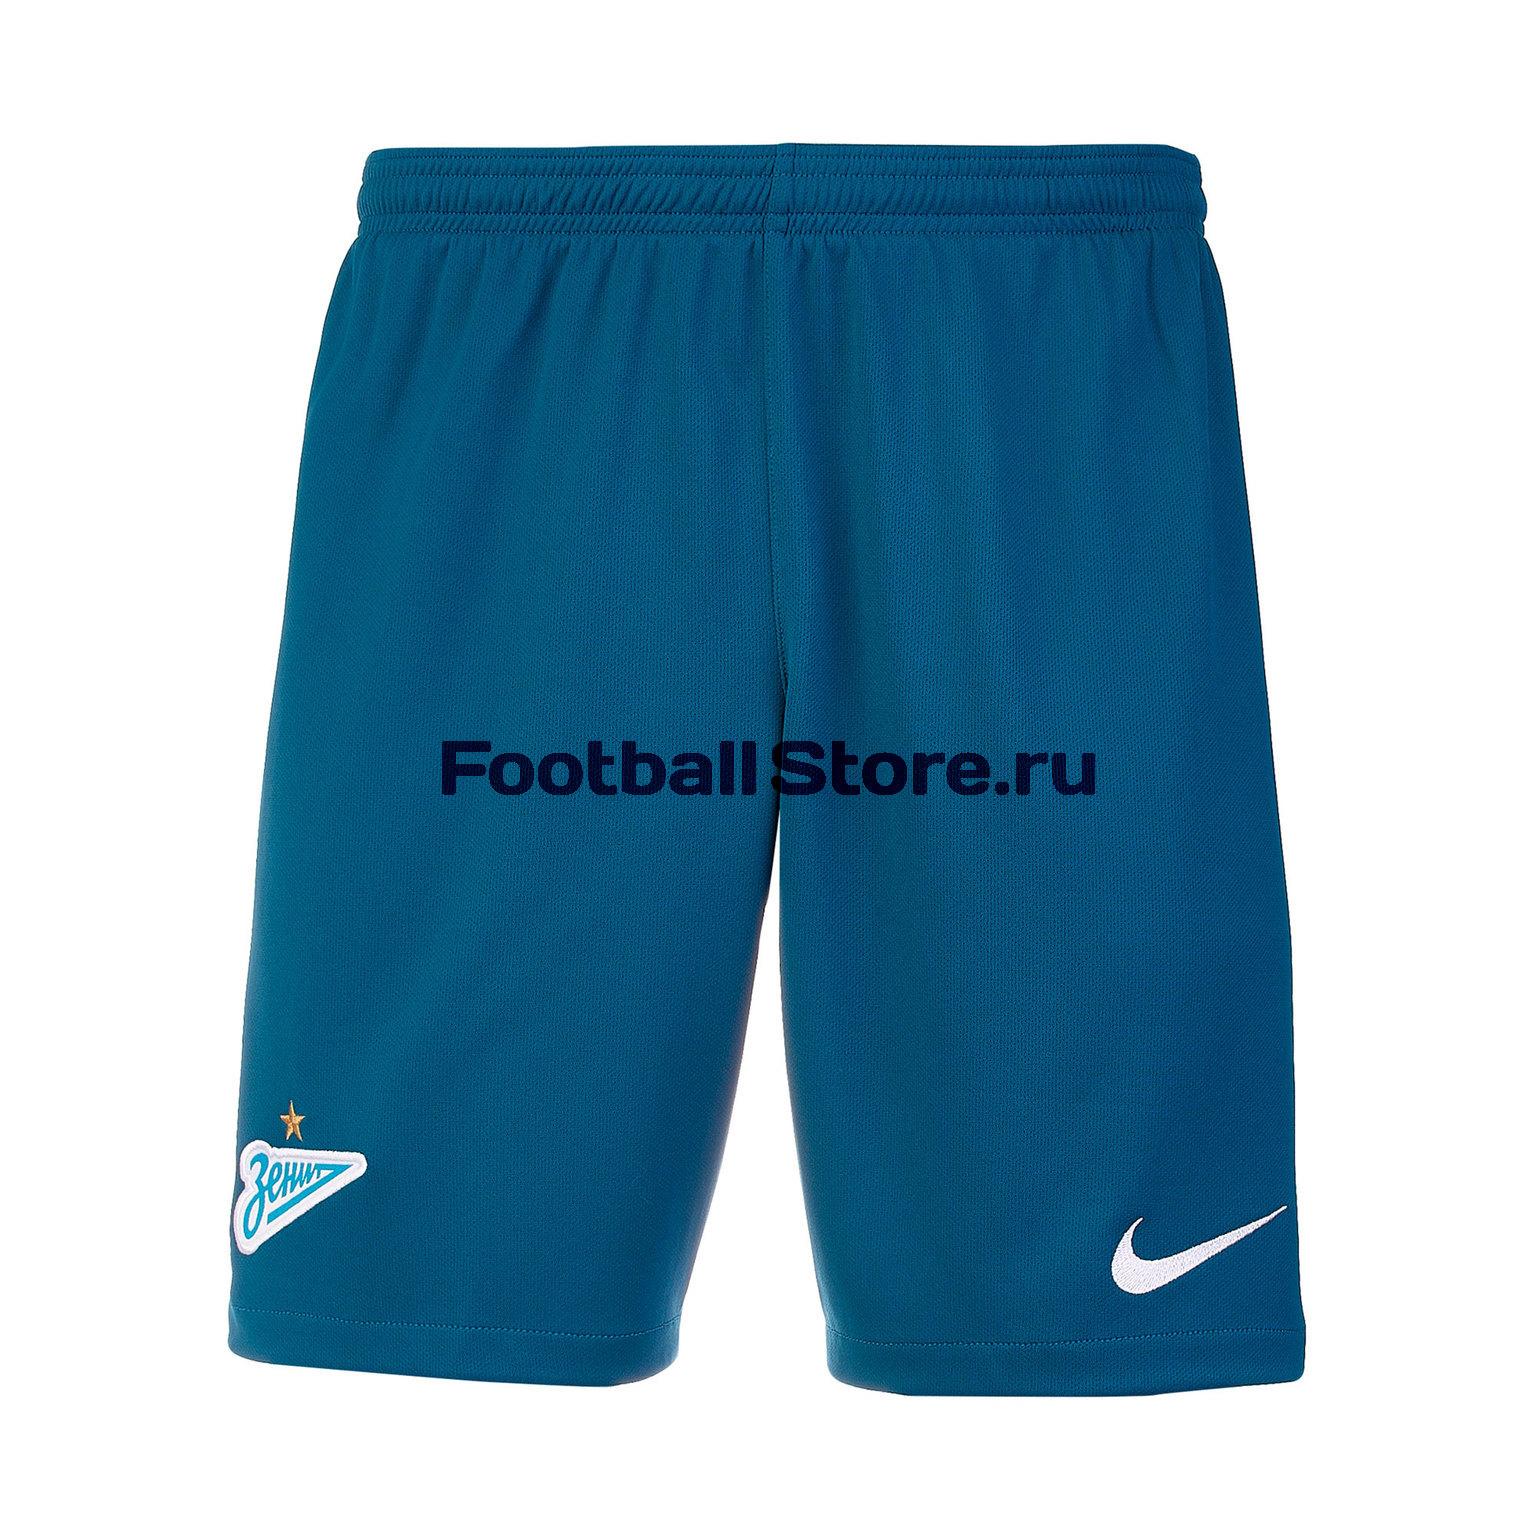 Фото - Шорты домашние Nike ФК Зенит 2019/20 шорты домашние oysho oysho ix001xw0075y